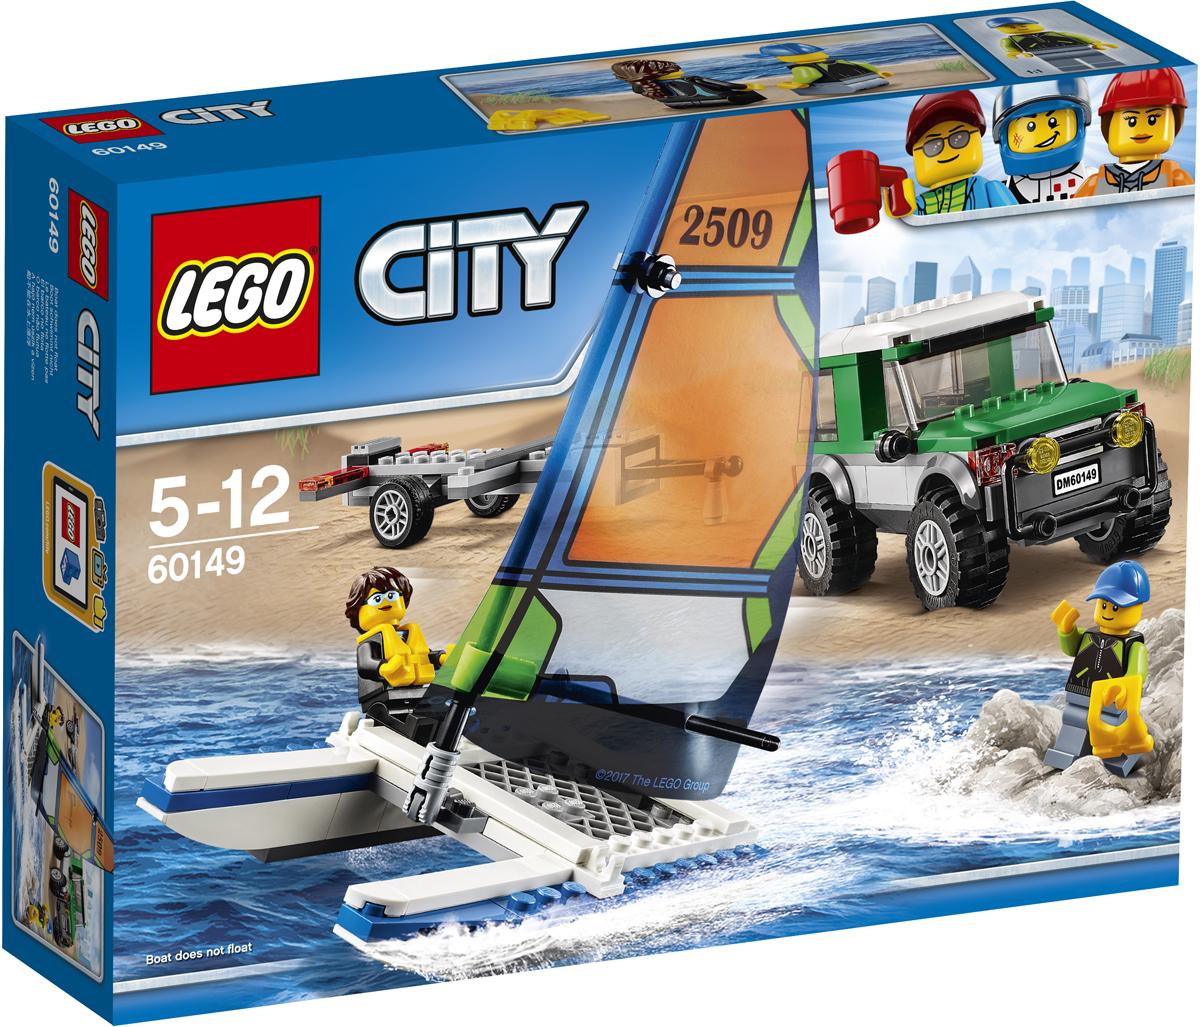 LEGO City Конструктор Внедорожник с прицепом для катамарана 60149 lego city конструктор внедорожник каскадера 60146